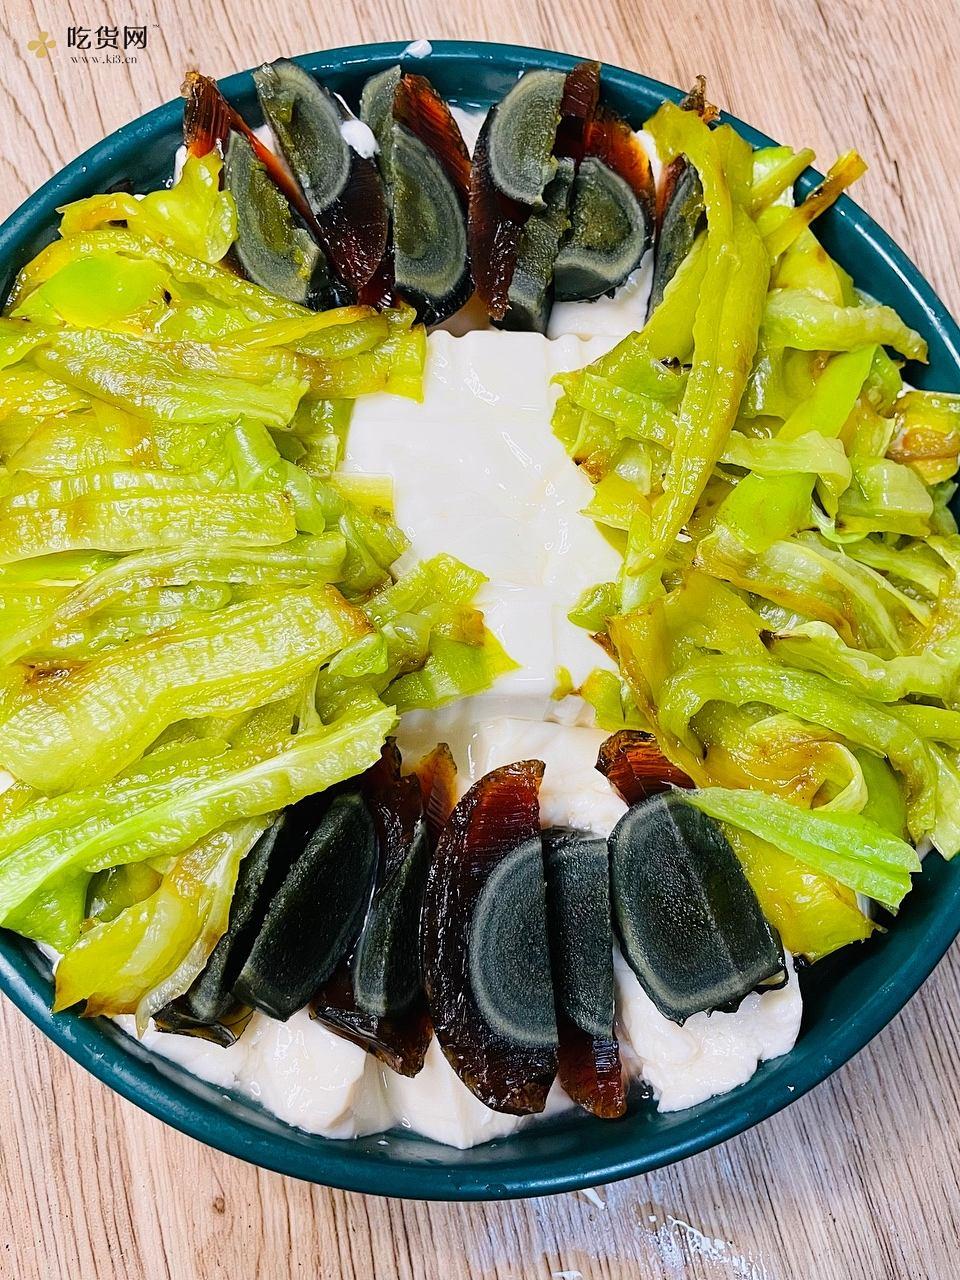 虎皮尖椒皮蛋拌豆腐——拯救没胃口的做法 步骤4